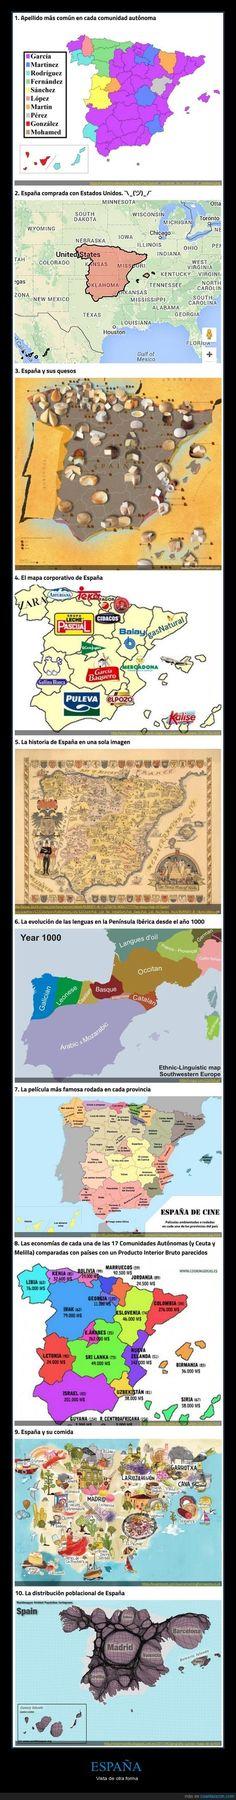 10 mapas de España que no te enseñaron en el colegio - Vista de otra forma   Gracias a http://www.cuantarazon.com/   Si quieres leer la noticia completa visita: http://www.estoy-aburrido.com/10-mapas-de-espana-que-no-te-ensenaron-en-el-colegio-vista-de-otra-forma/